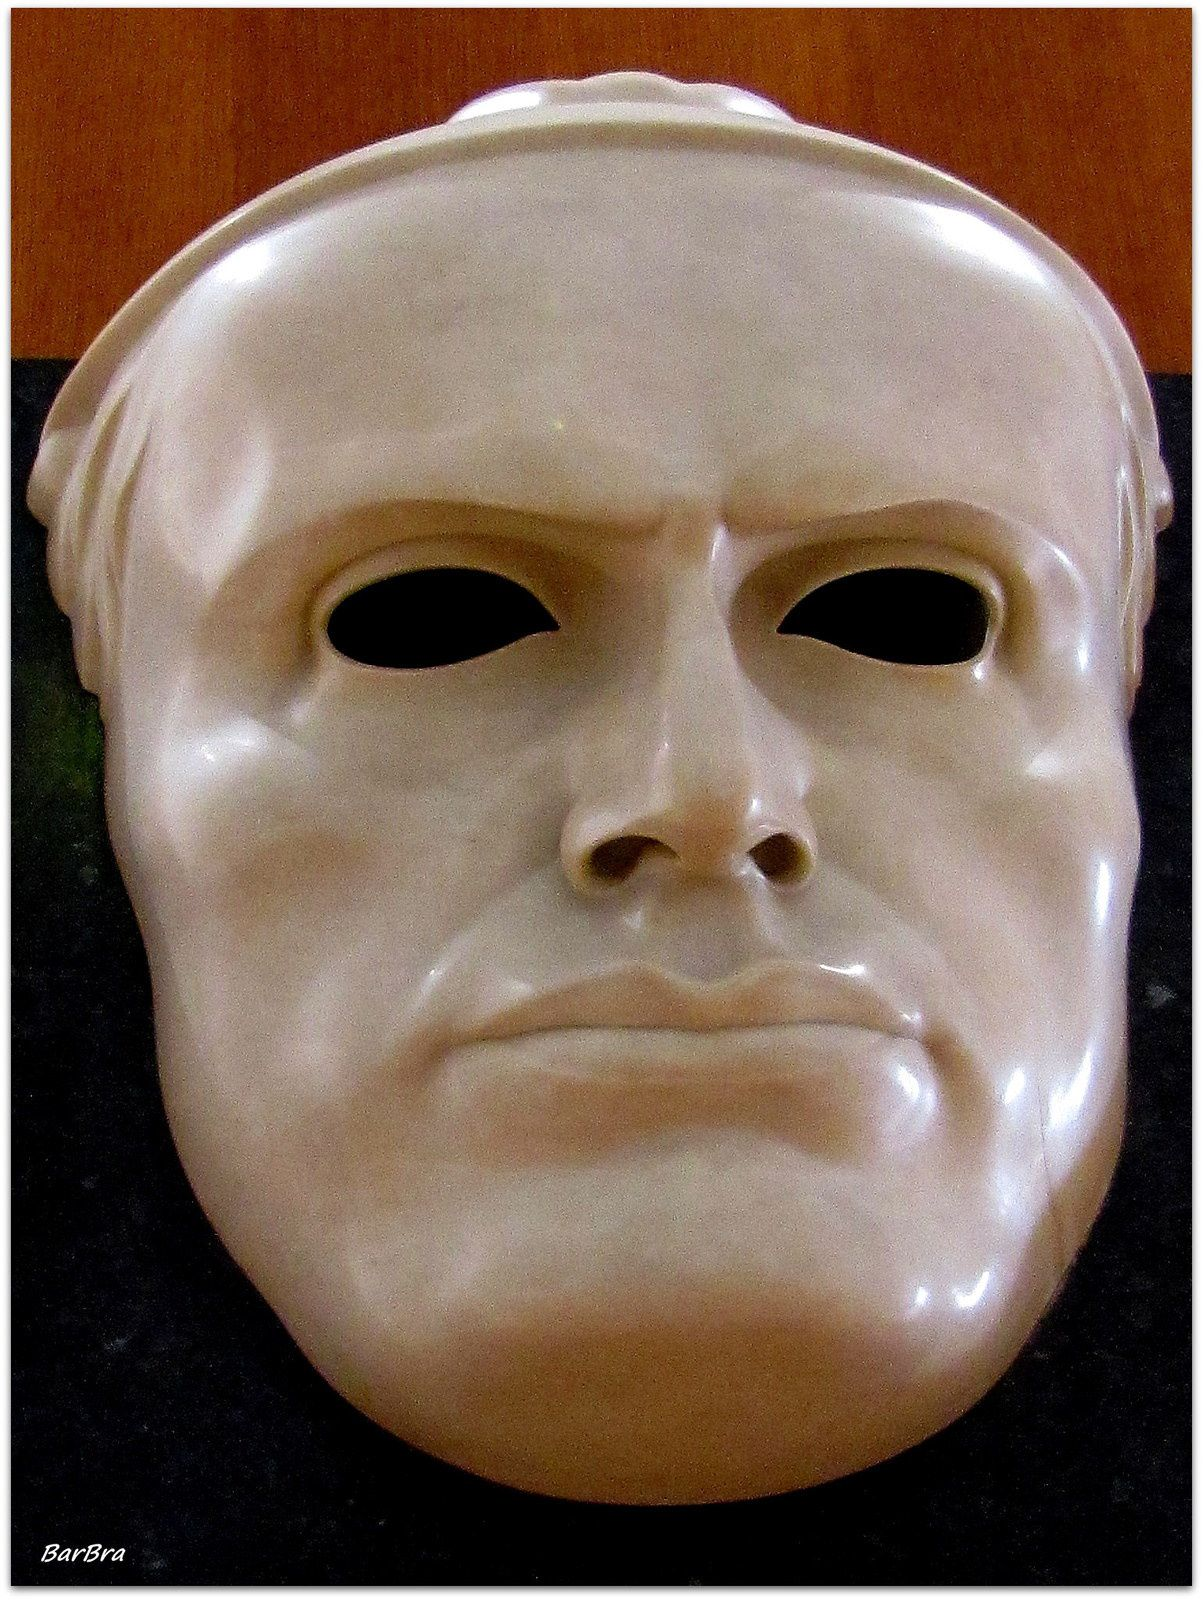 Alla GNAM - Mussolini (1924) ... c'è dell'ironia in questa maschera svuotata e posta su una piastrella... ne fu criticata l'esagerazione, ma Mussolini l'approvò e, riprodotta ovunque, divenne famosissima